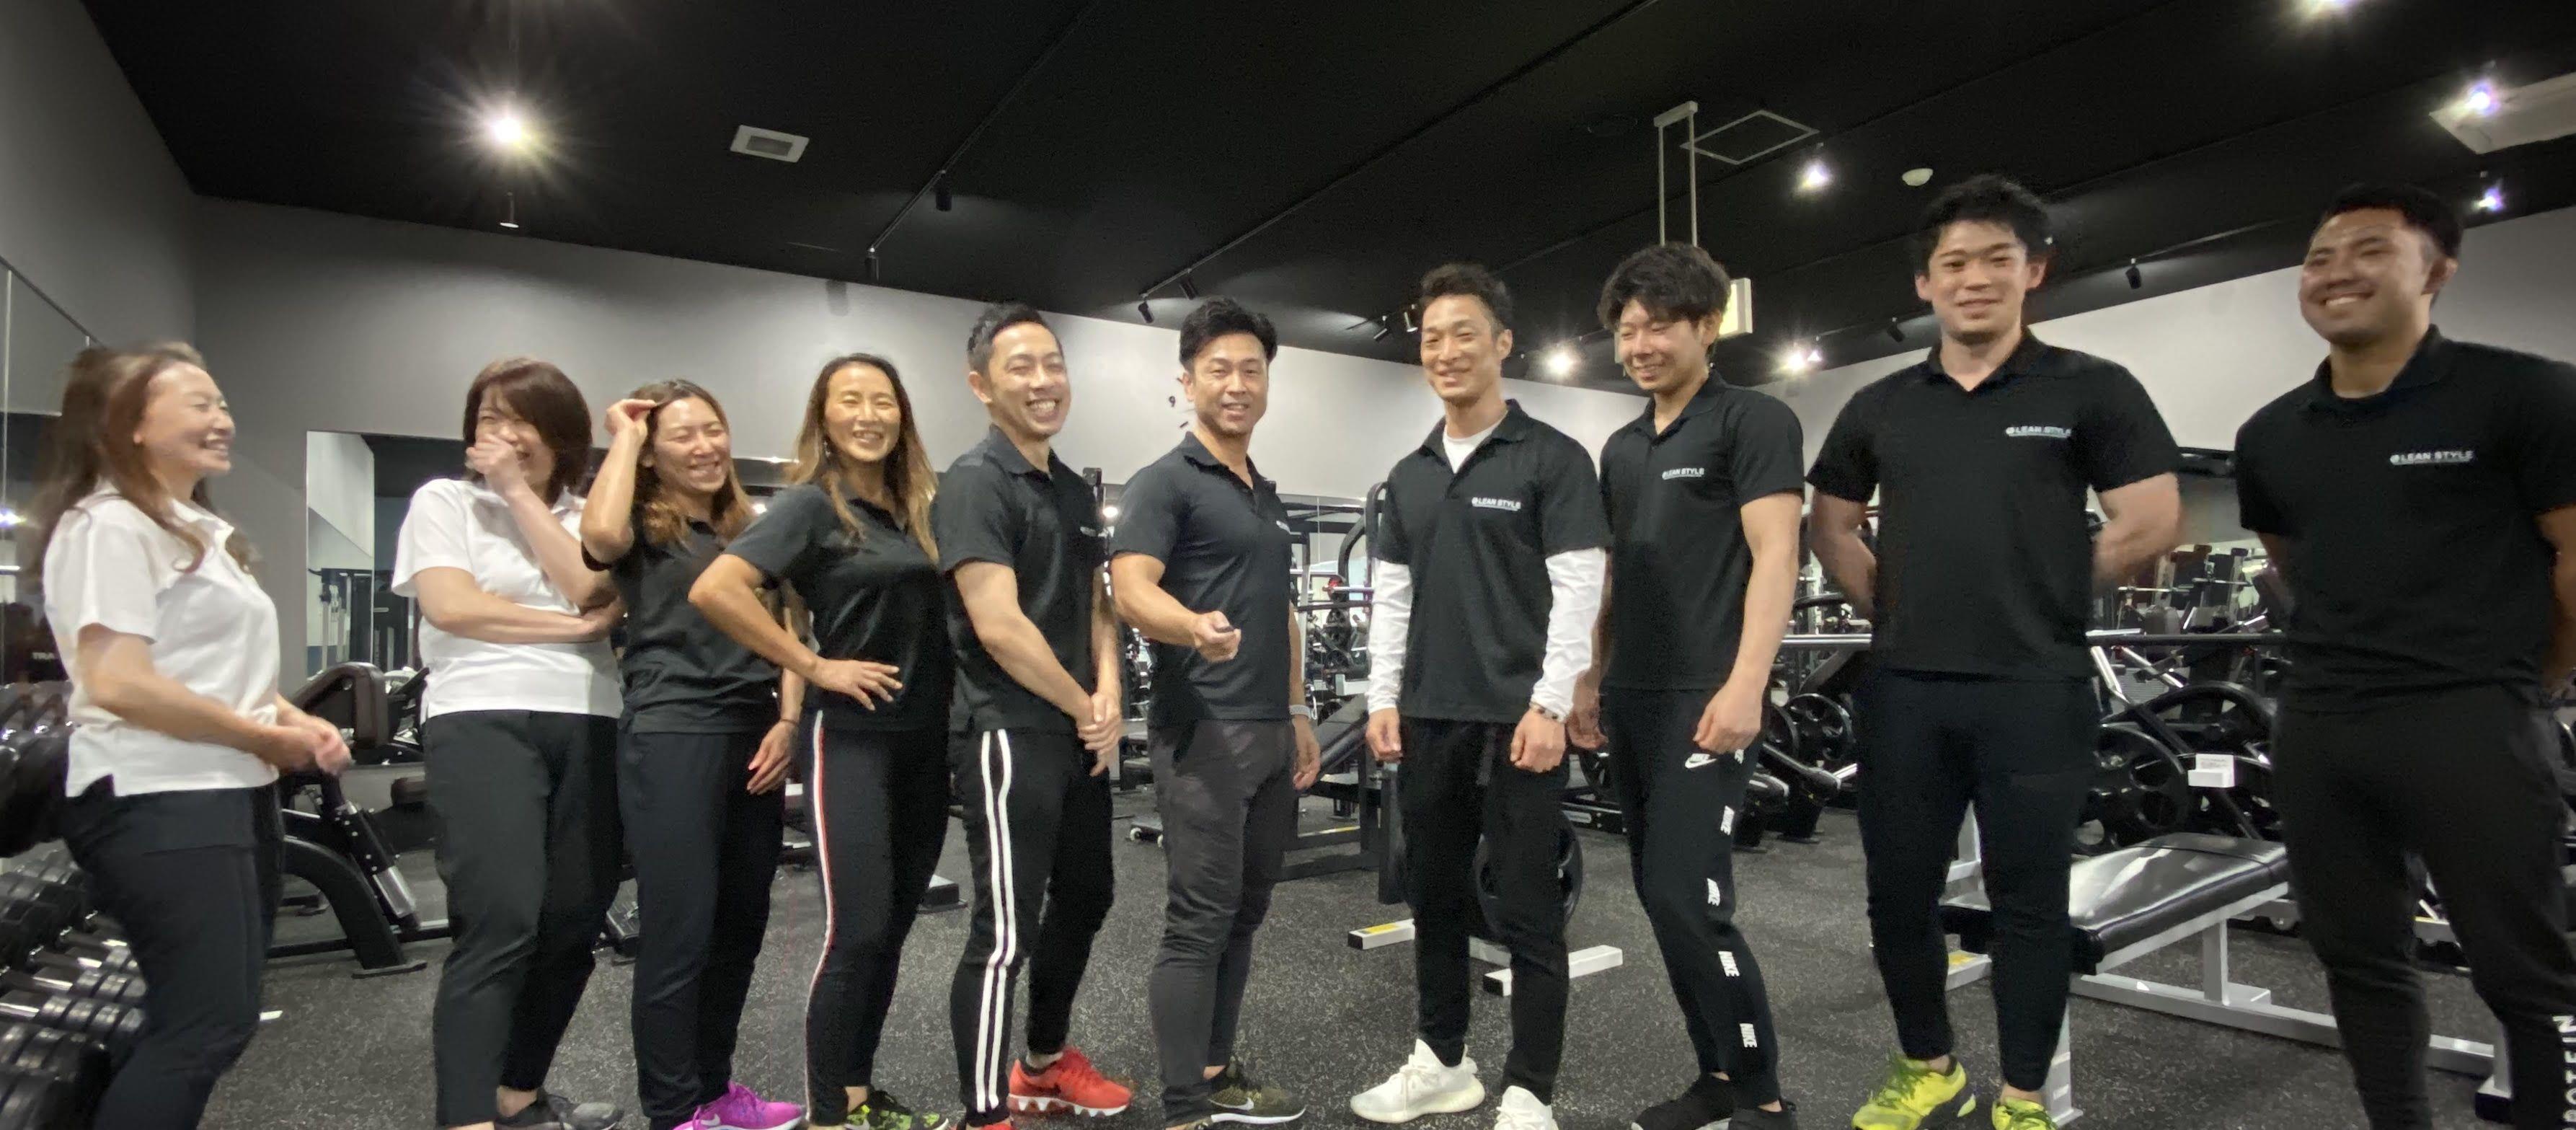 名古屋市緑区徳重駅徒歩8分、パーソナルトレーニング、ダイエットが得意な24時間フィットネスジム、 リーン・スタイル名古屋徳重